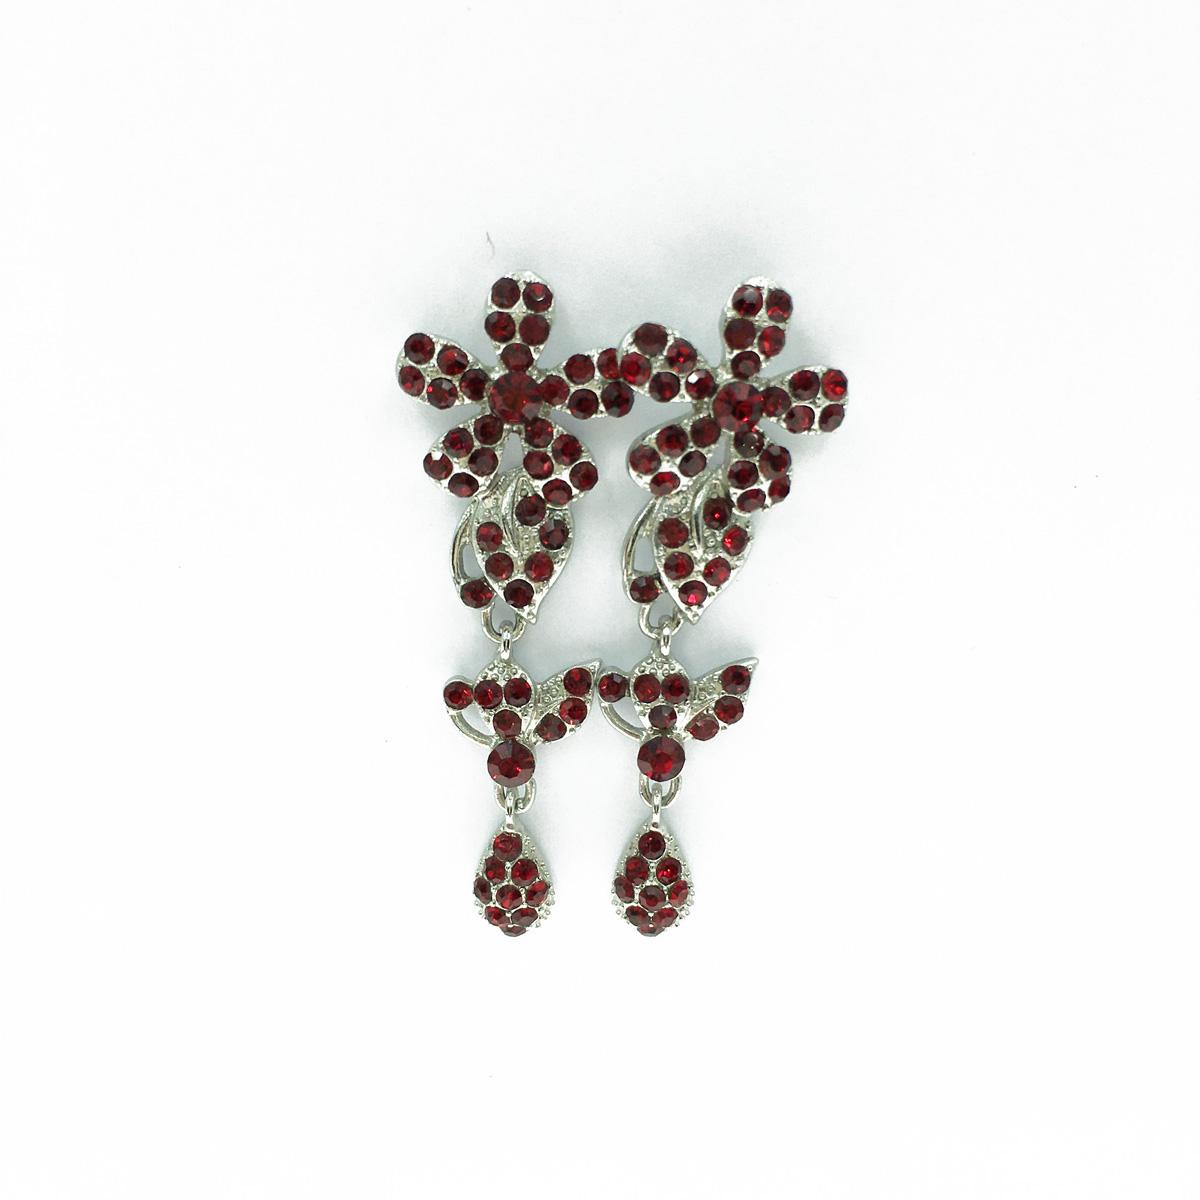 一朵花 葉子 造型 銀邊 暗紅色 水鑽 耳針耳環 採用施華洛世奇水晶元素 Crystals from Swarovski